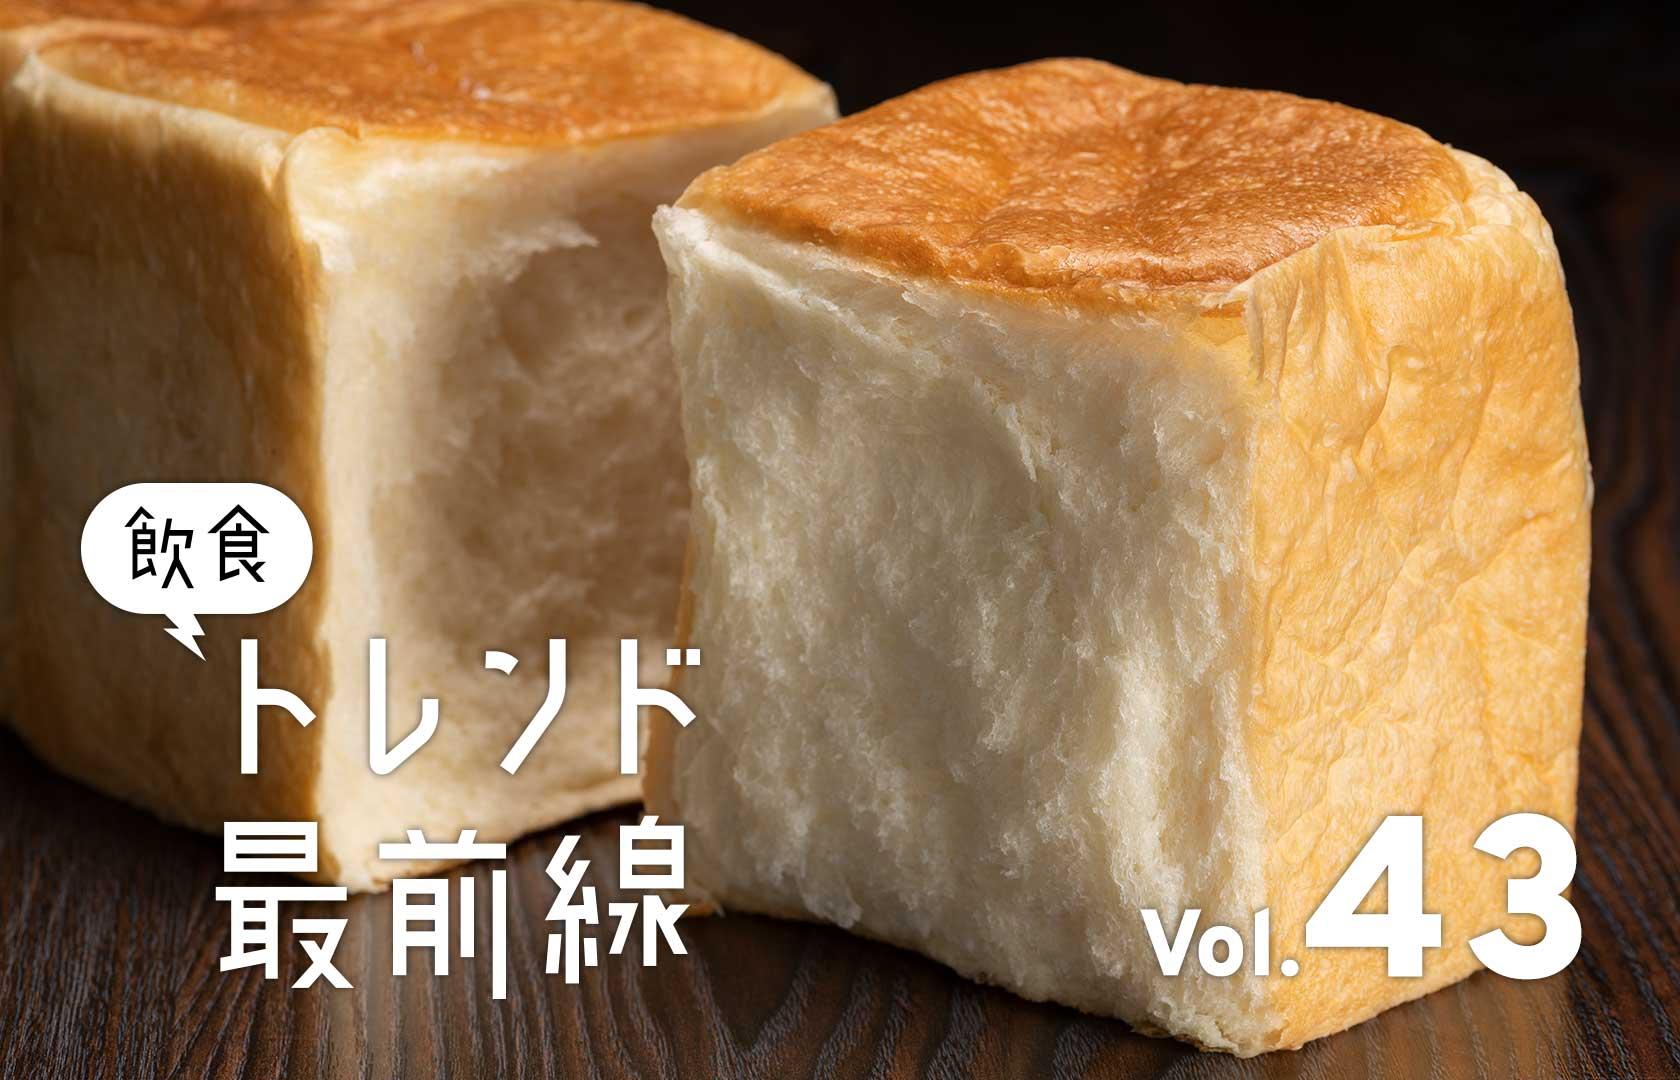 2021最新!注目パンまとめ。高級食パンの遍歴から進化系パンまで全部解説